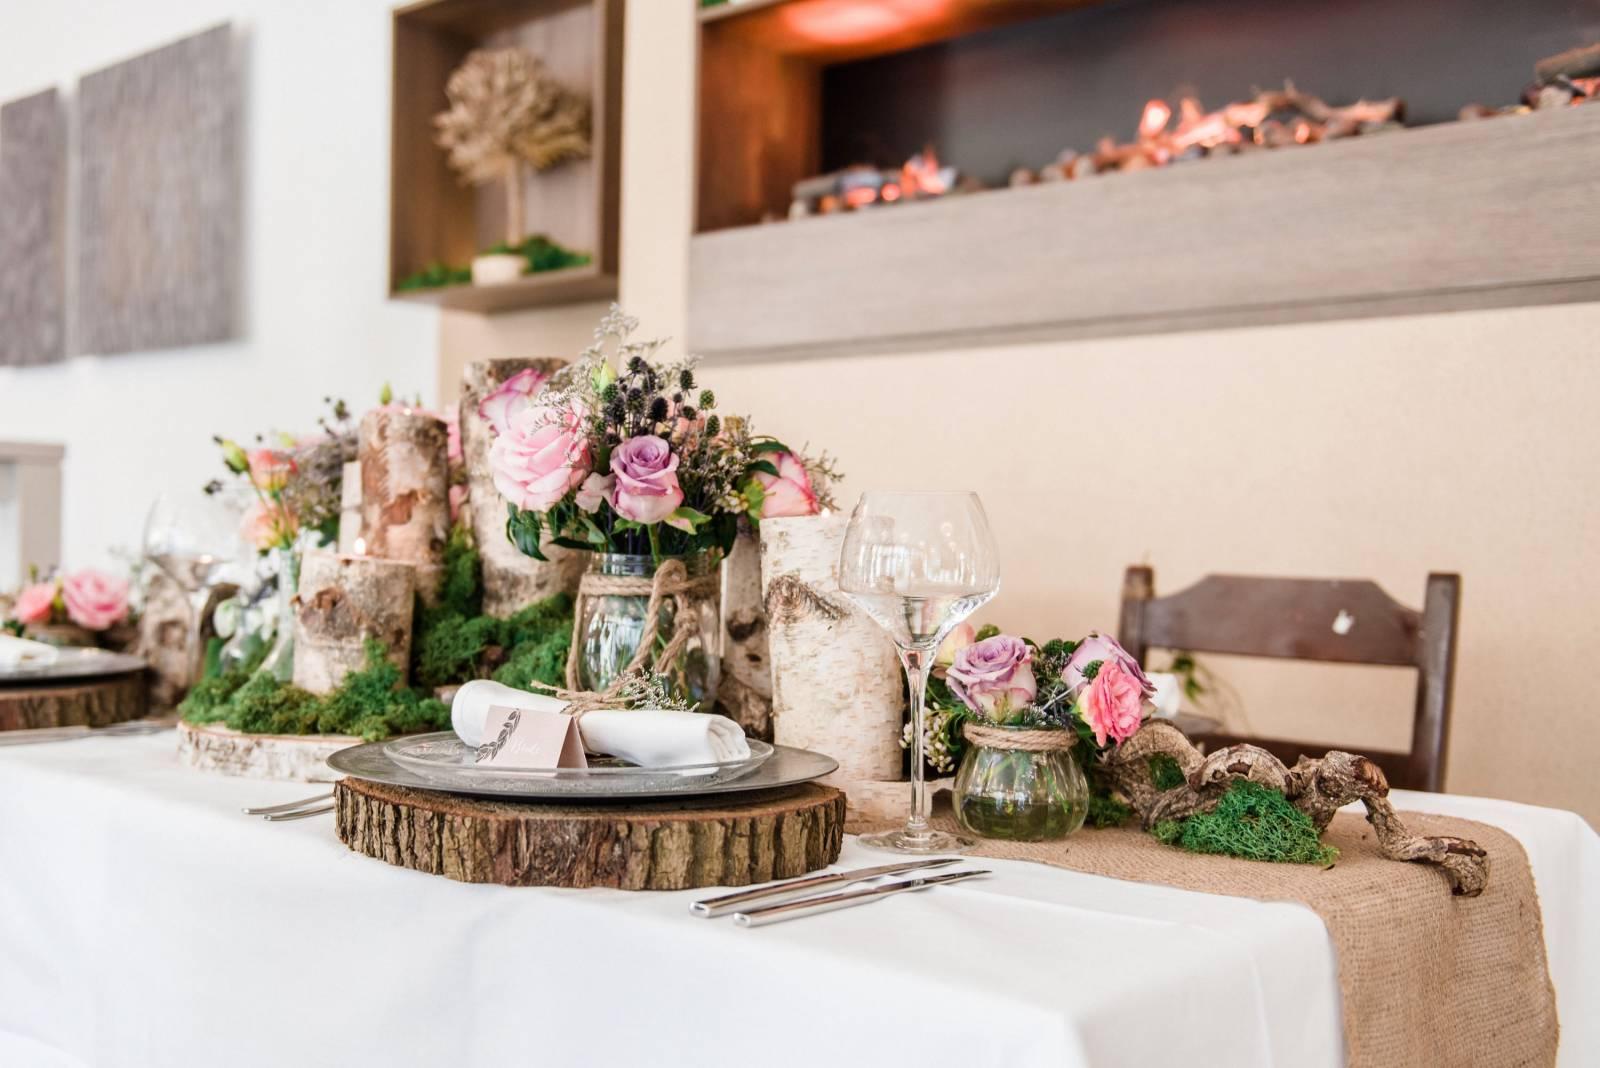 In Style Styling & Decoraties - Trouwdecoratie - Verhuurbedrijf - Wedding Design - House of Weddings - 33